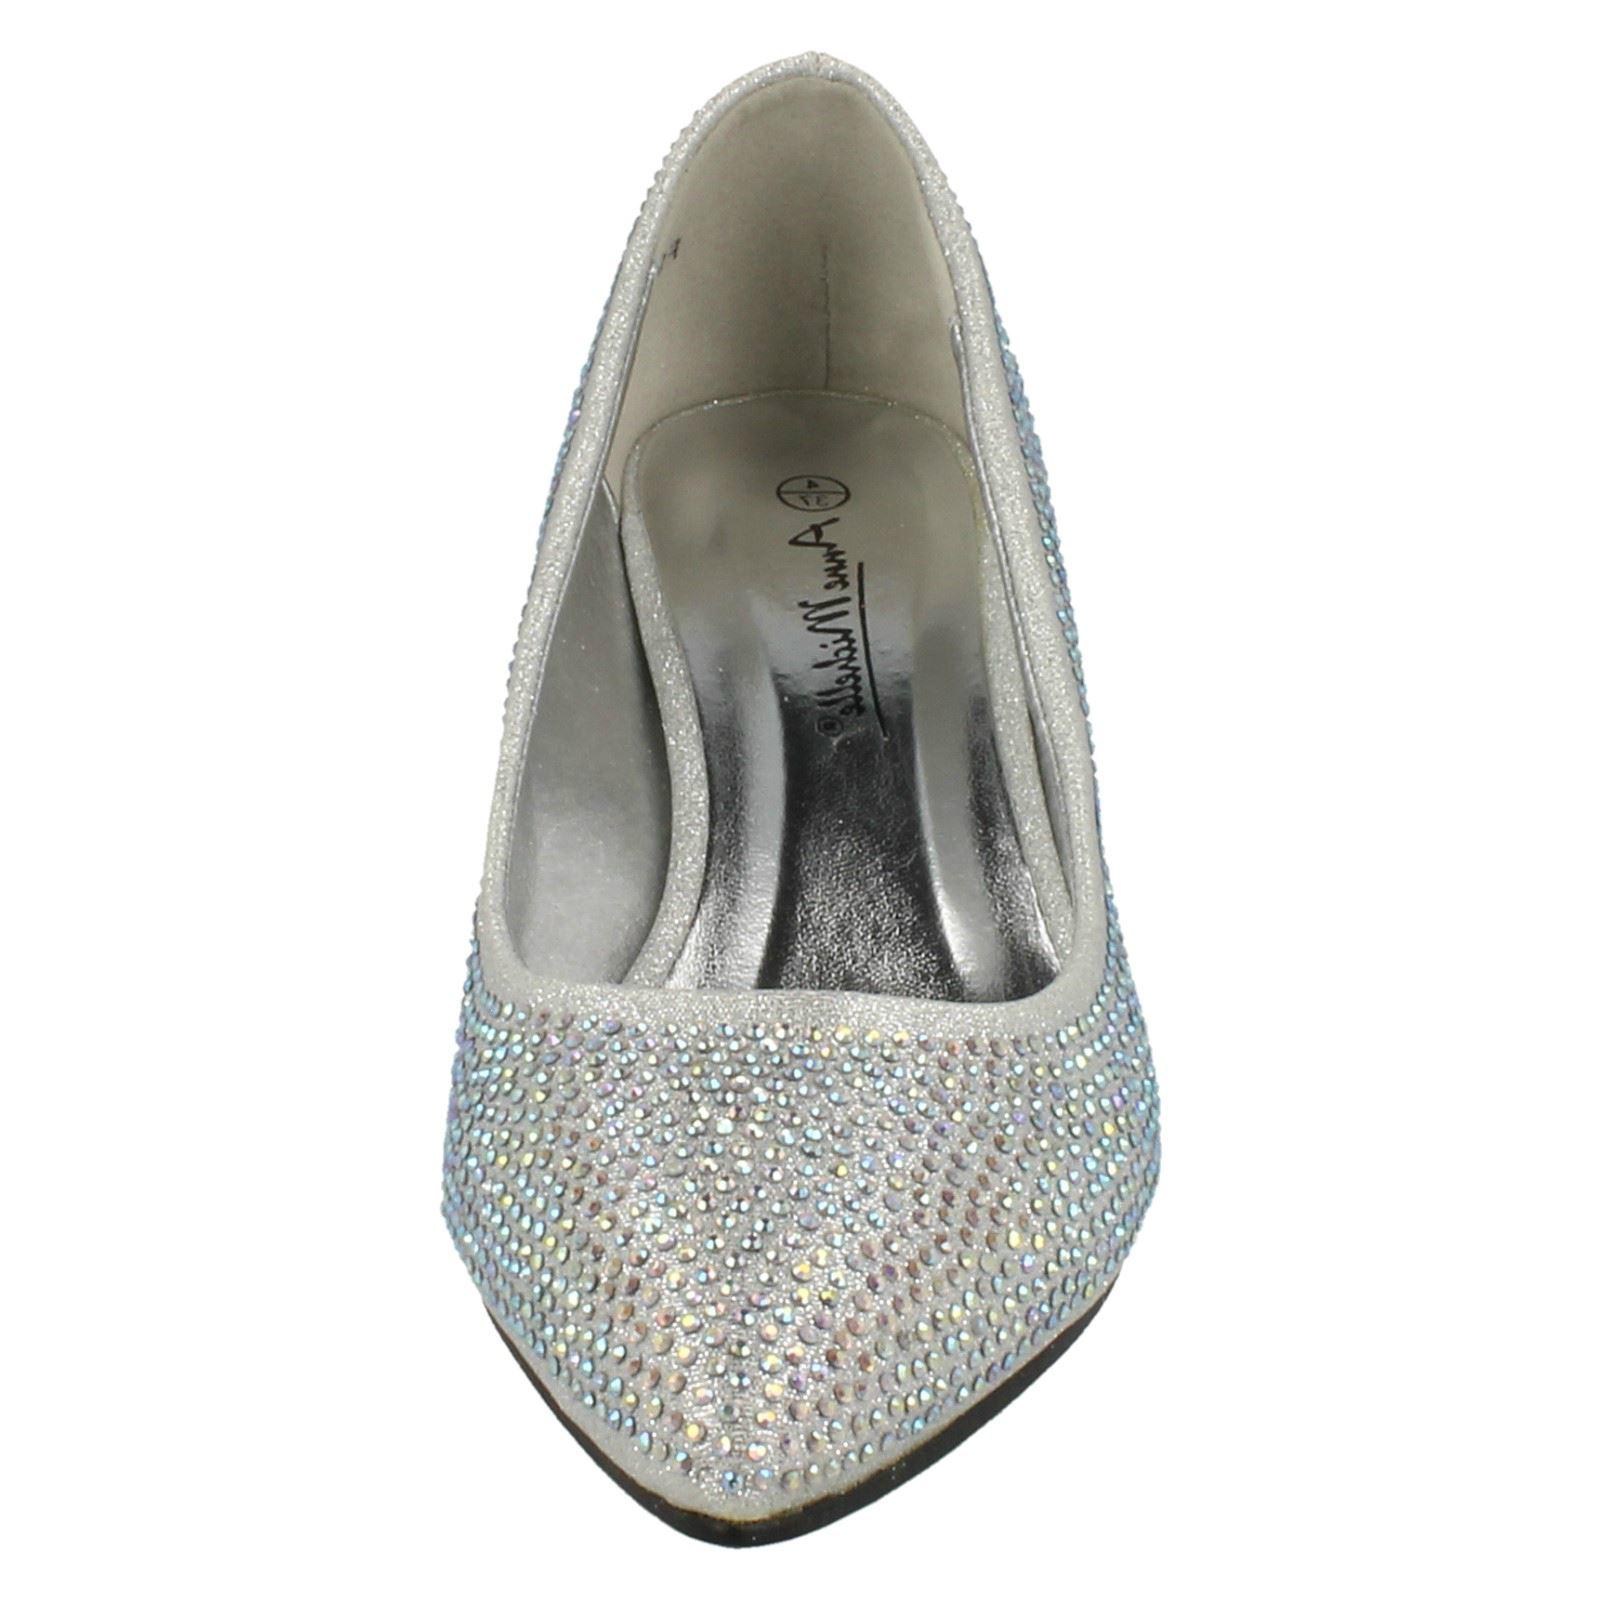 Ladies-Anne-Michelle-Diamante-Low-Heel-Court-Shoes thumbnail 33